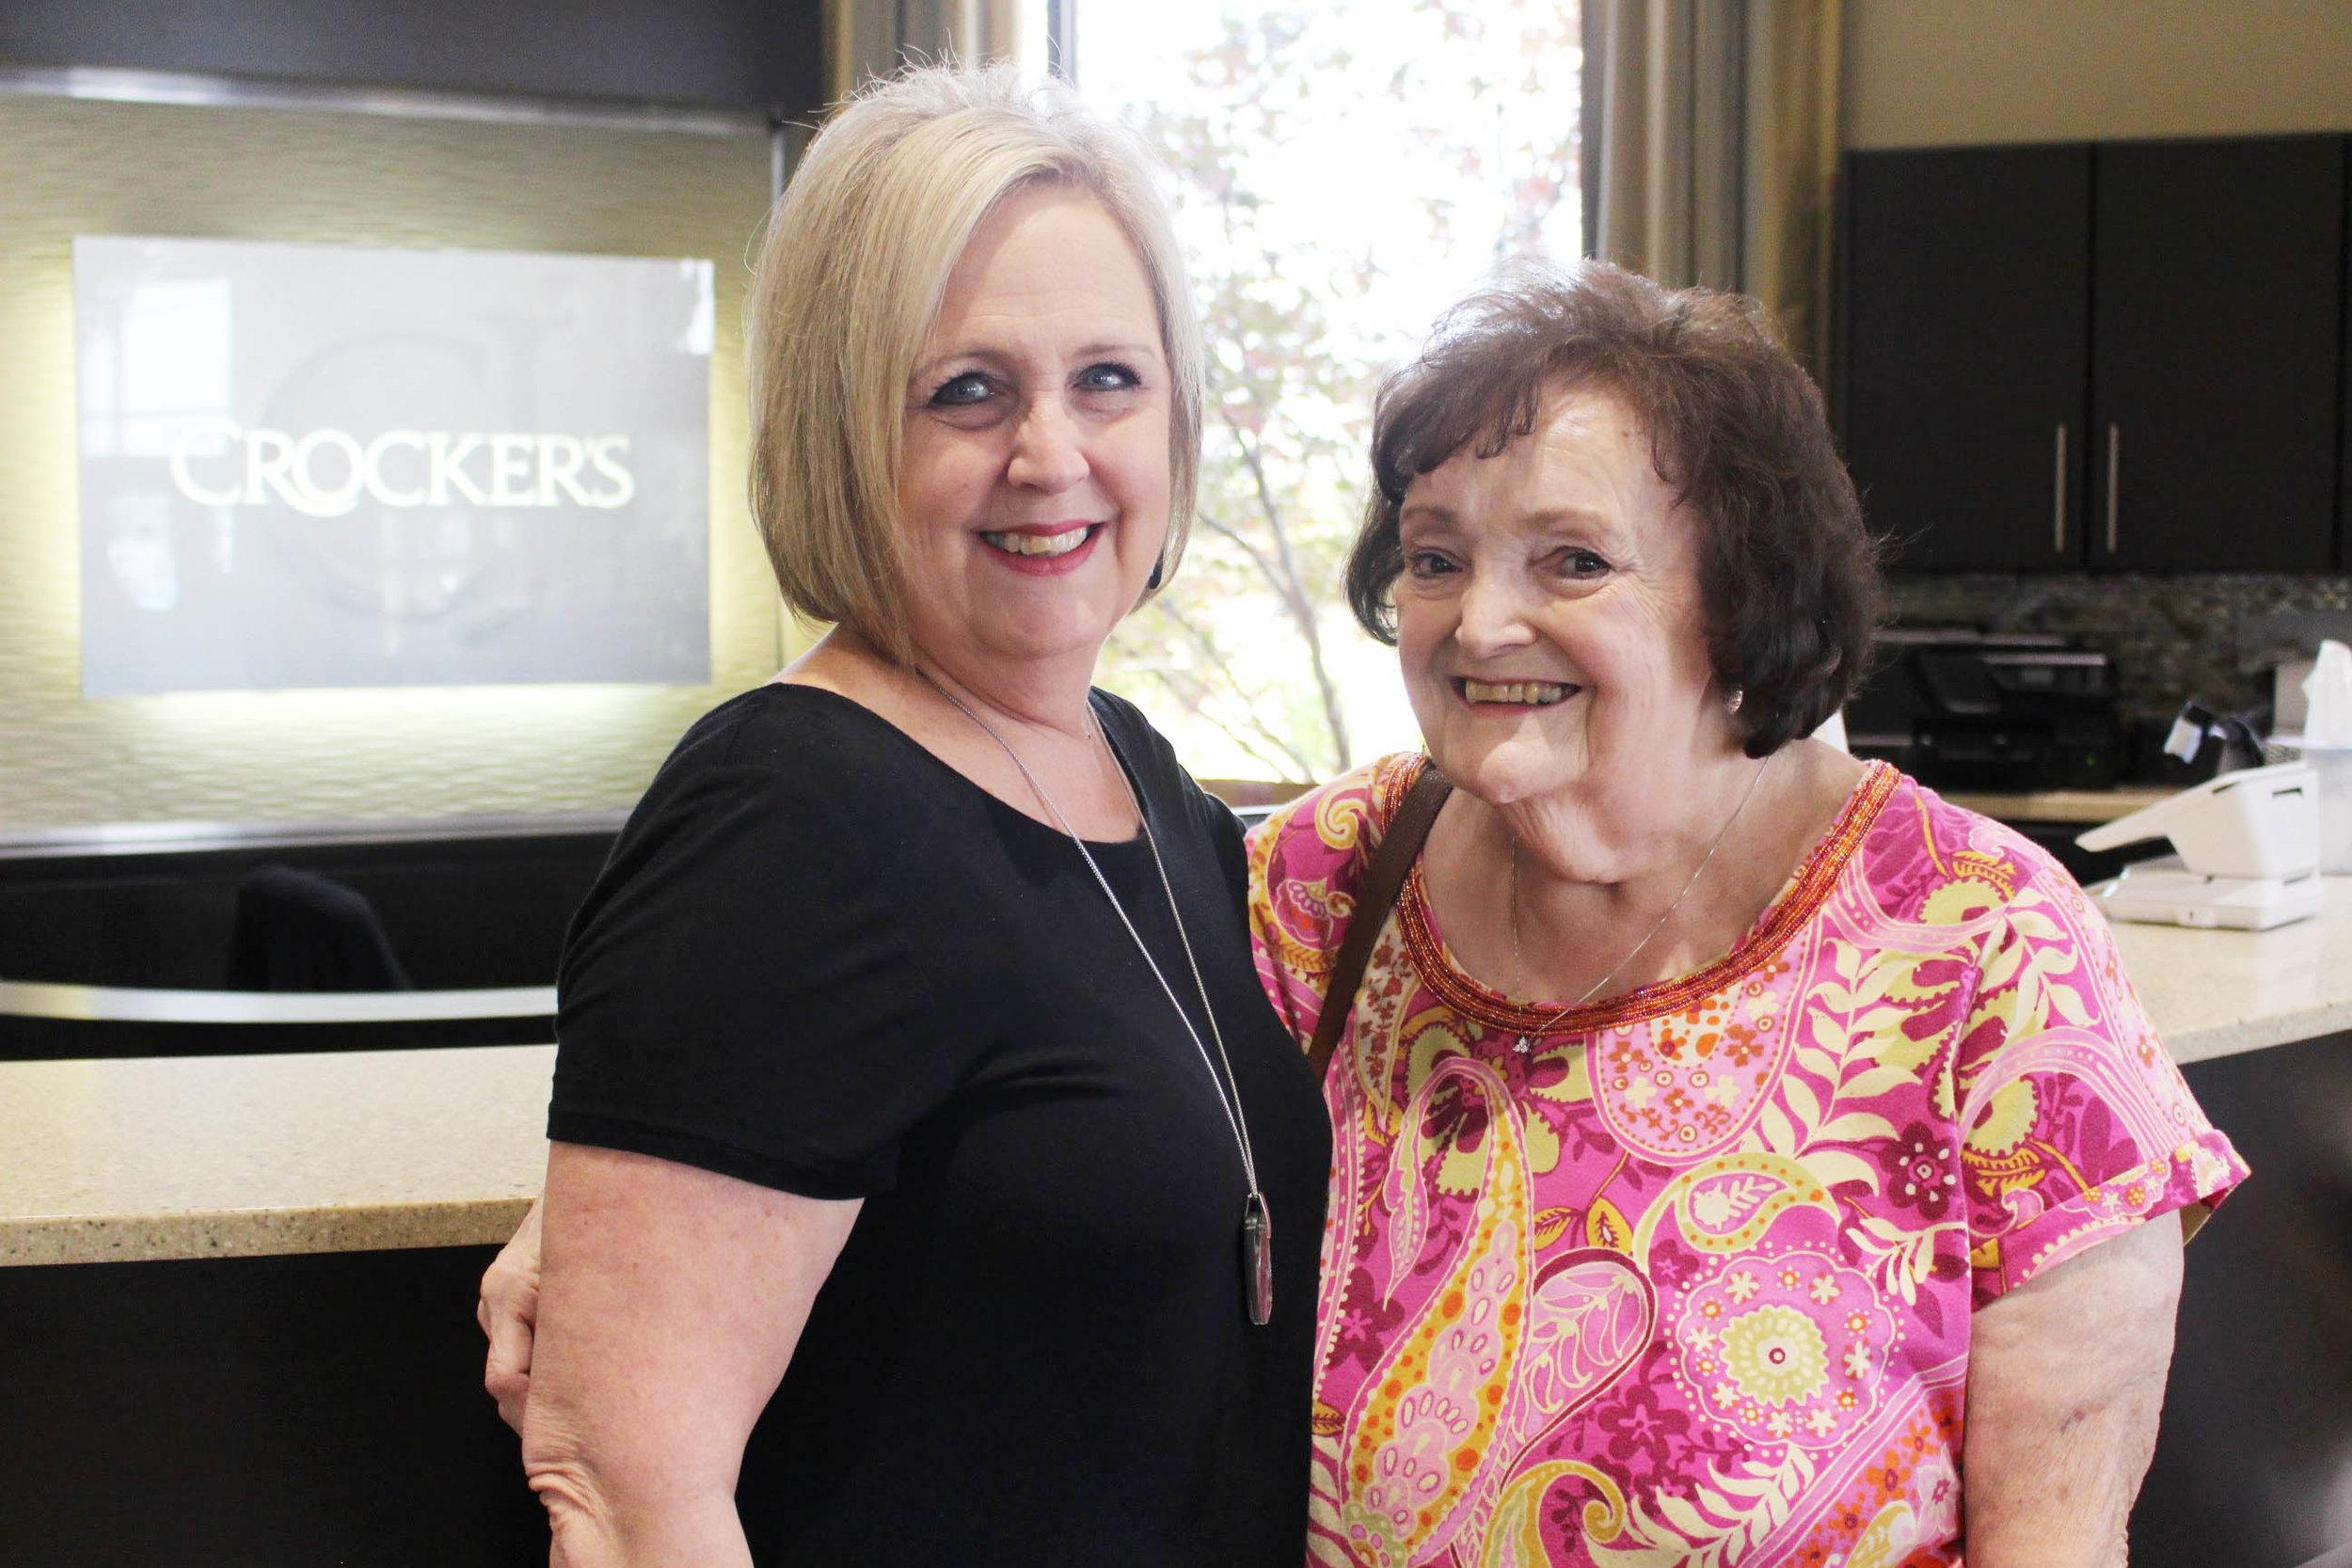 Kathy Crutcher and Linda Greenlee